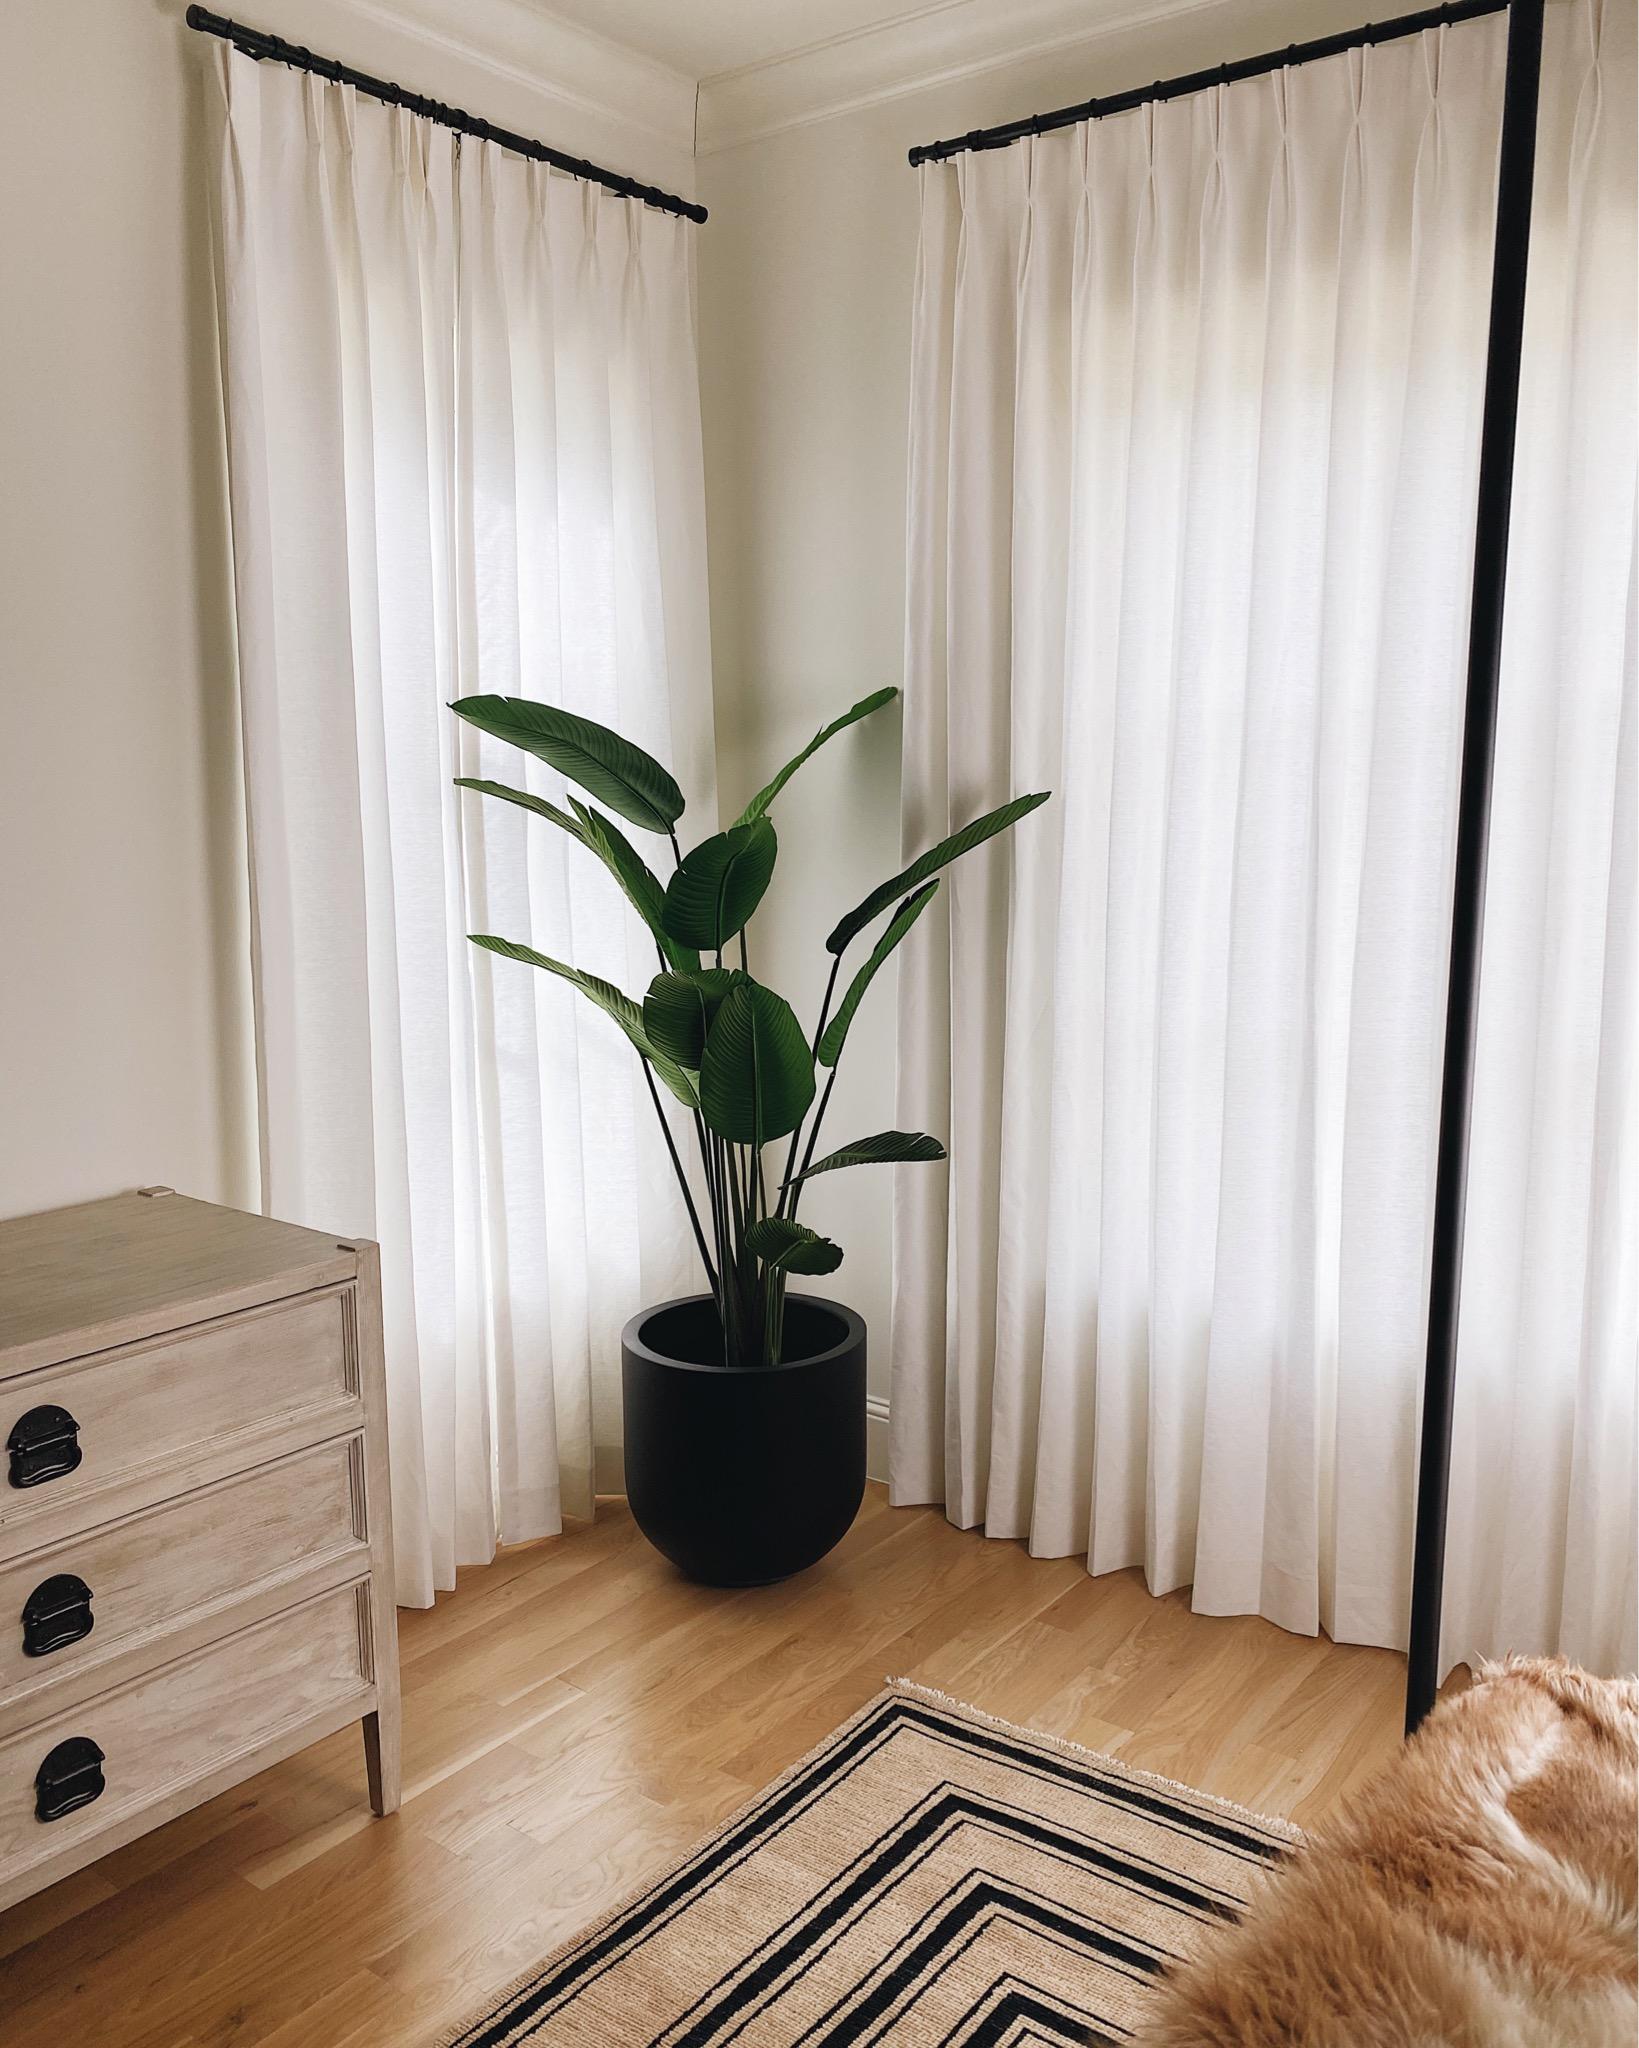 BEDROOM FAUX PLANT + PLANTER